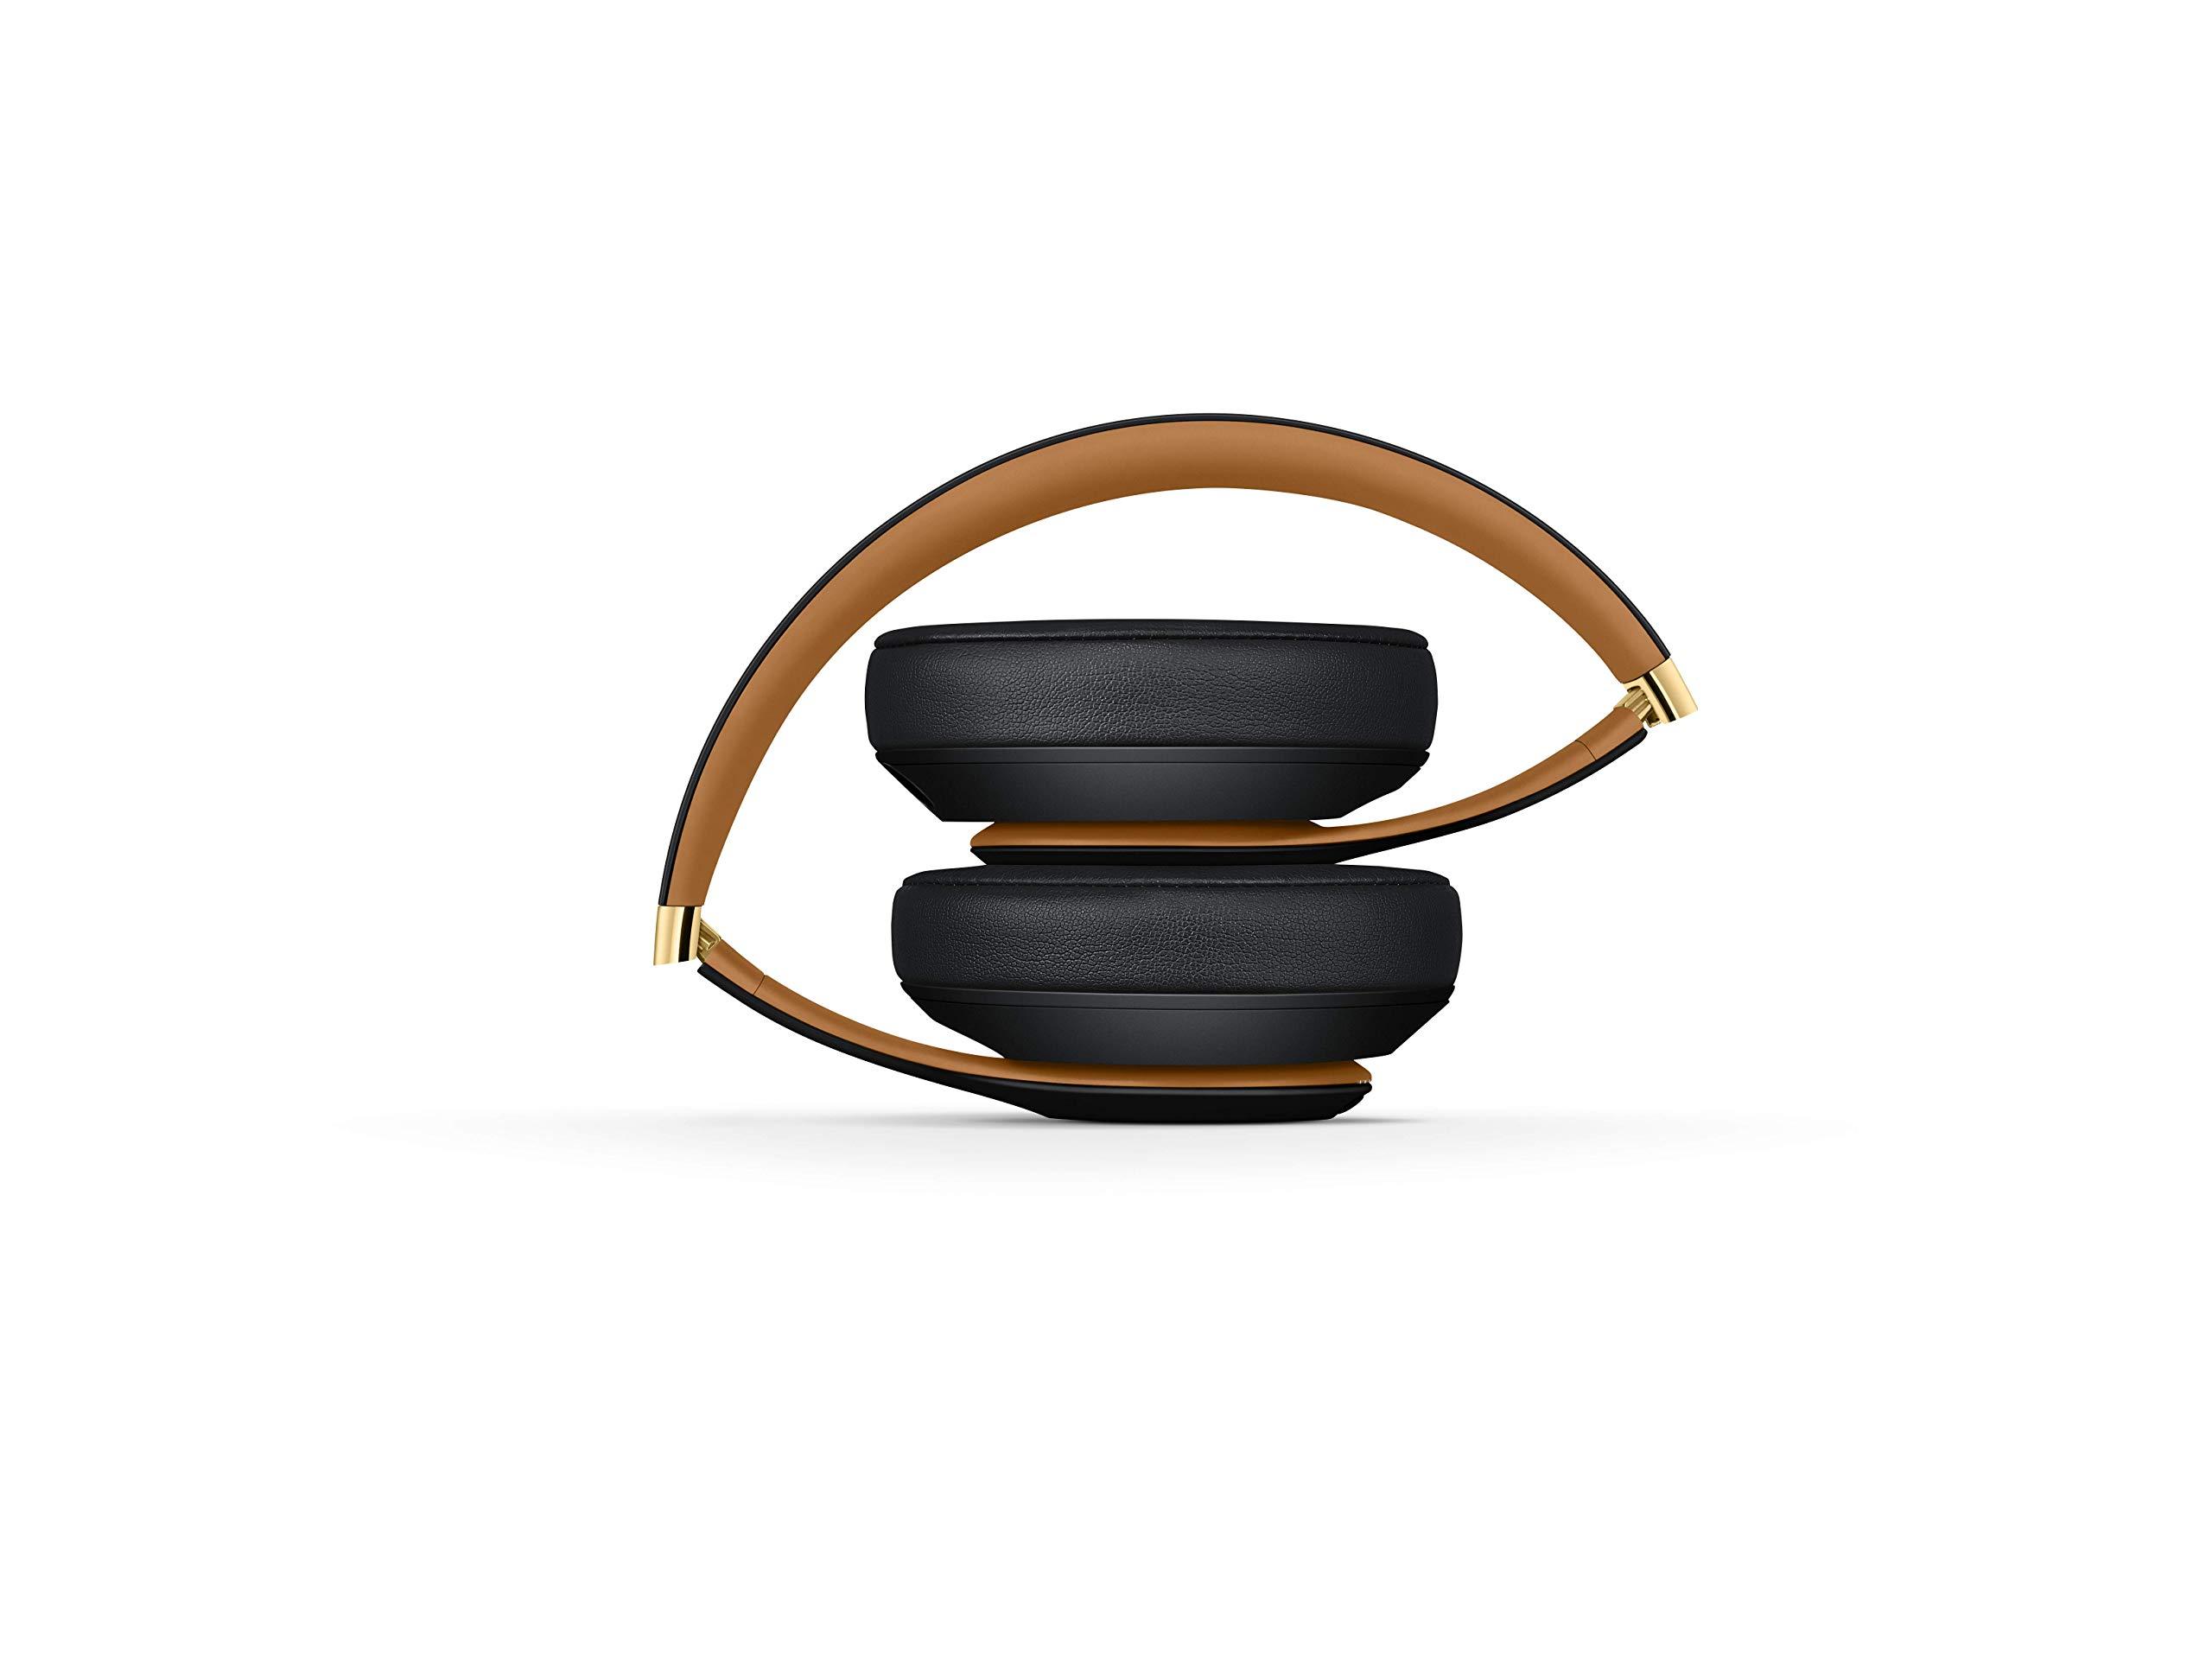 BeatsStudio3Over-EarBluetooth Kopfhörer mit Noise-Cancelling– AppleW1Chip, Bluetooth der Klasse1, aktives Noise-Cancelling, 22Stunden Wiedergabe– Nachtschwarz